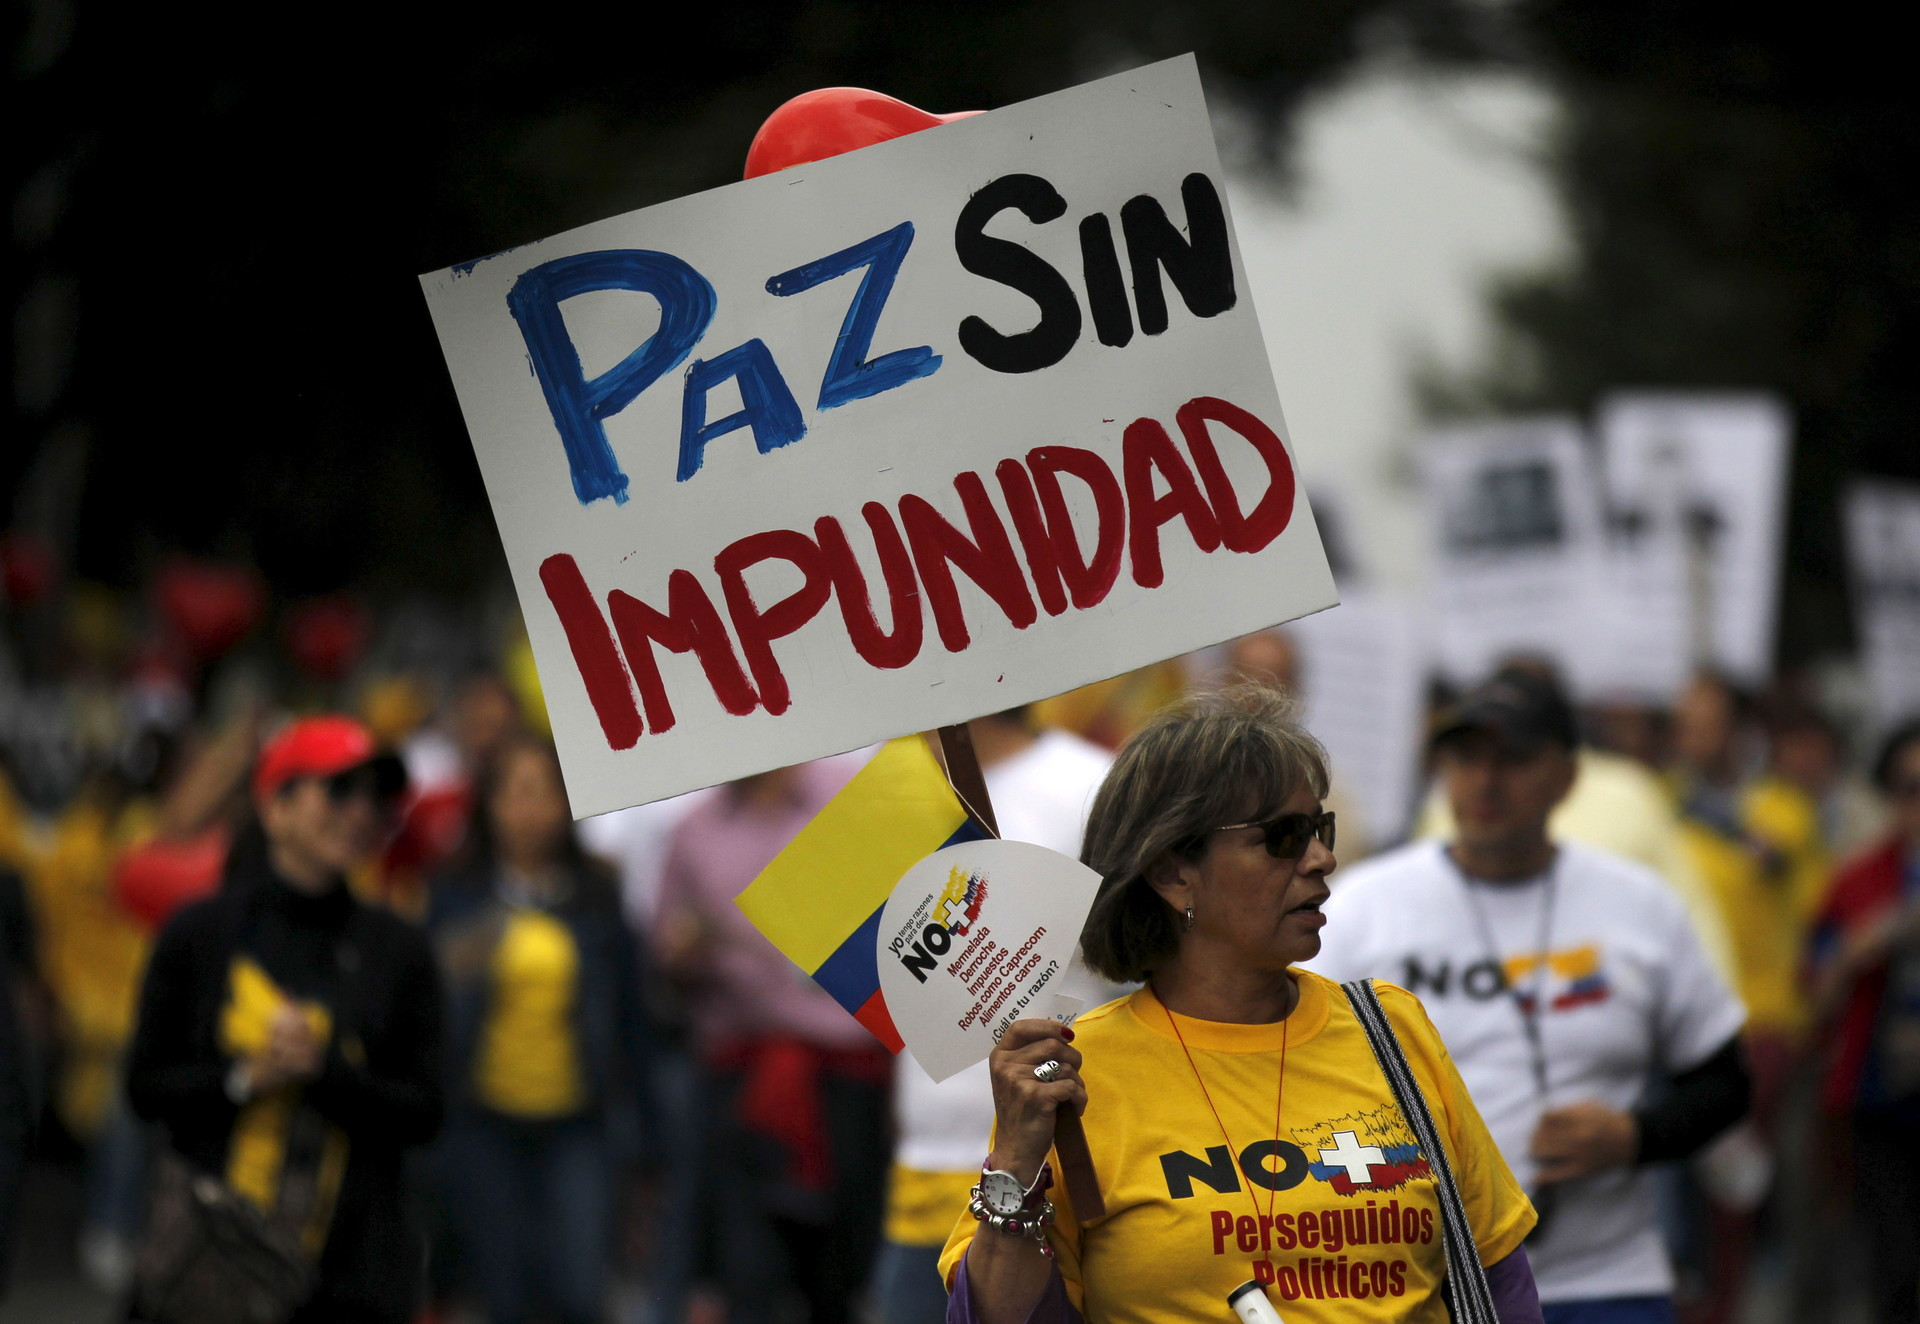 Manifestantes exigen cambios al acuerdo entre el gobierno colombiano y las FARC. Bogotá, 2 de abril de 2016